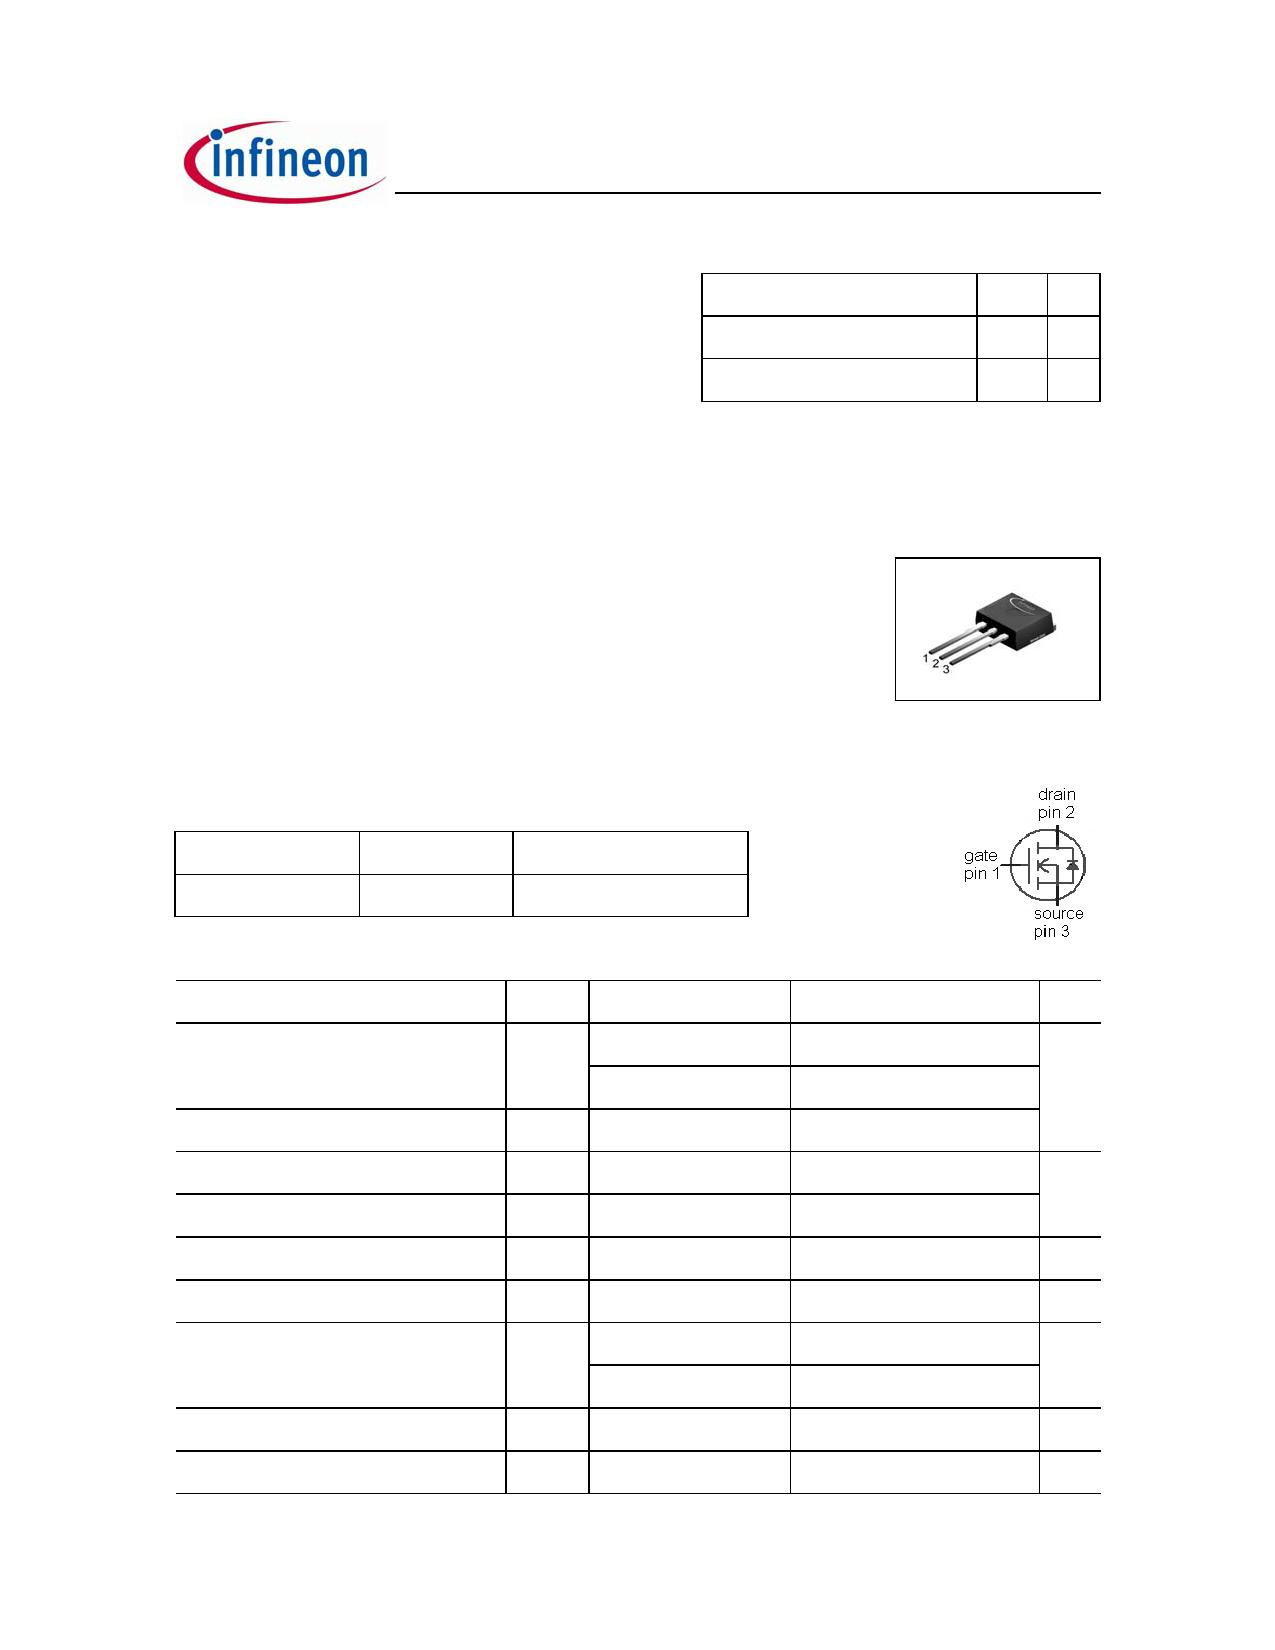 IPI90R1K2C3 datasheet